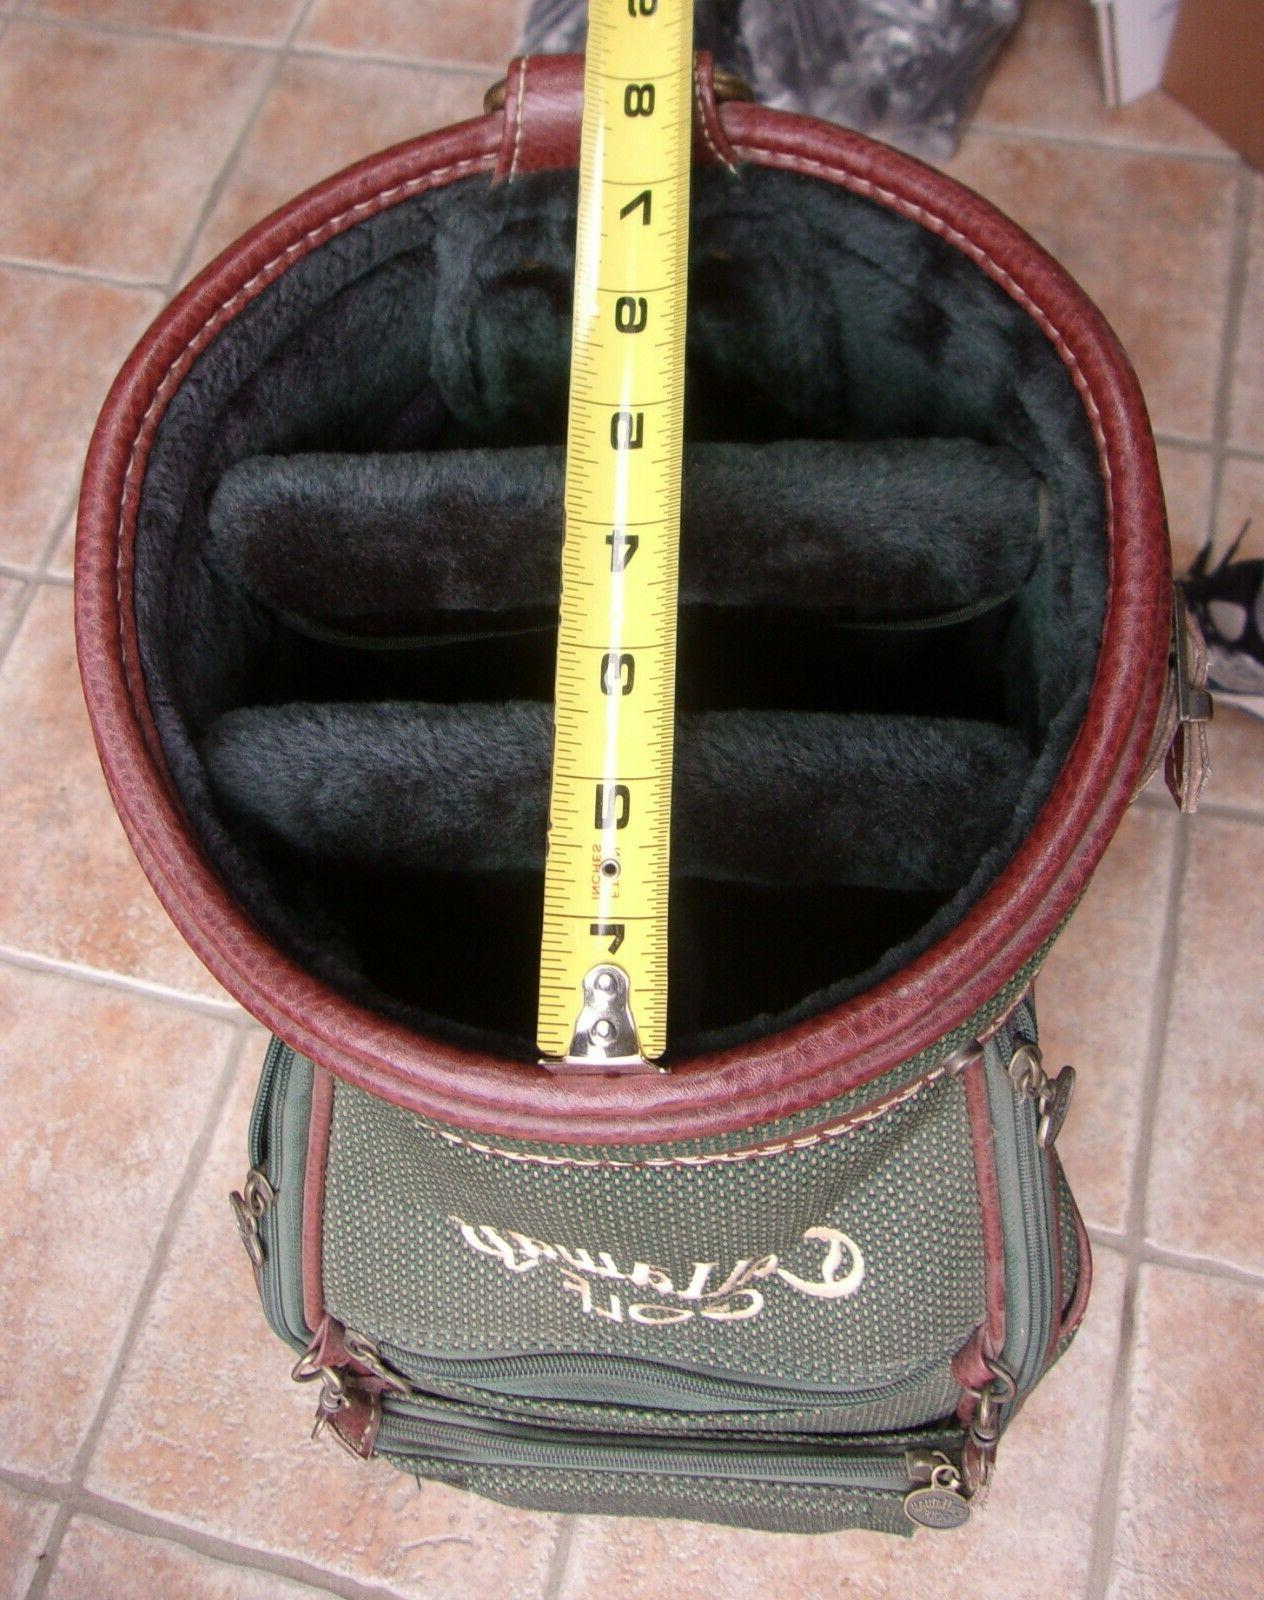 VINTAGE CART BAG WITH STRAP